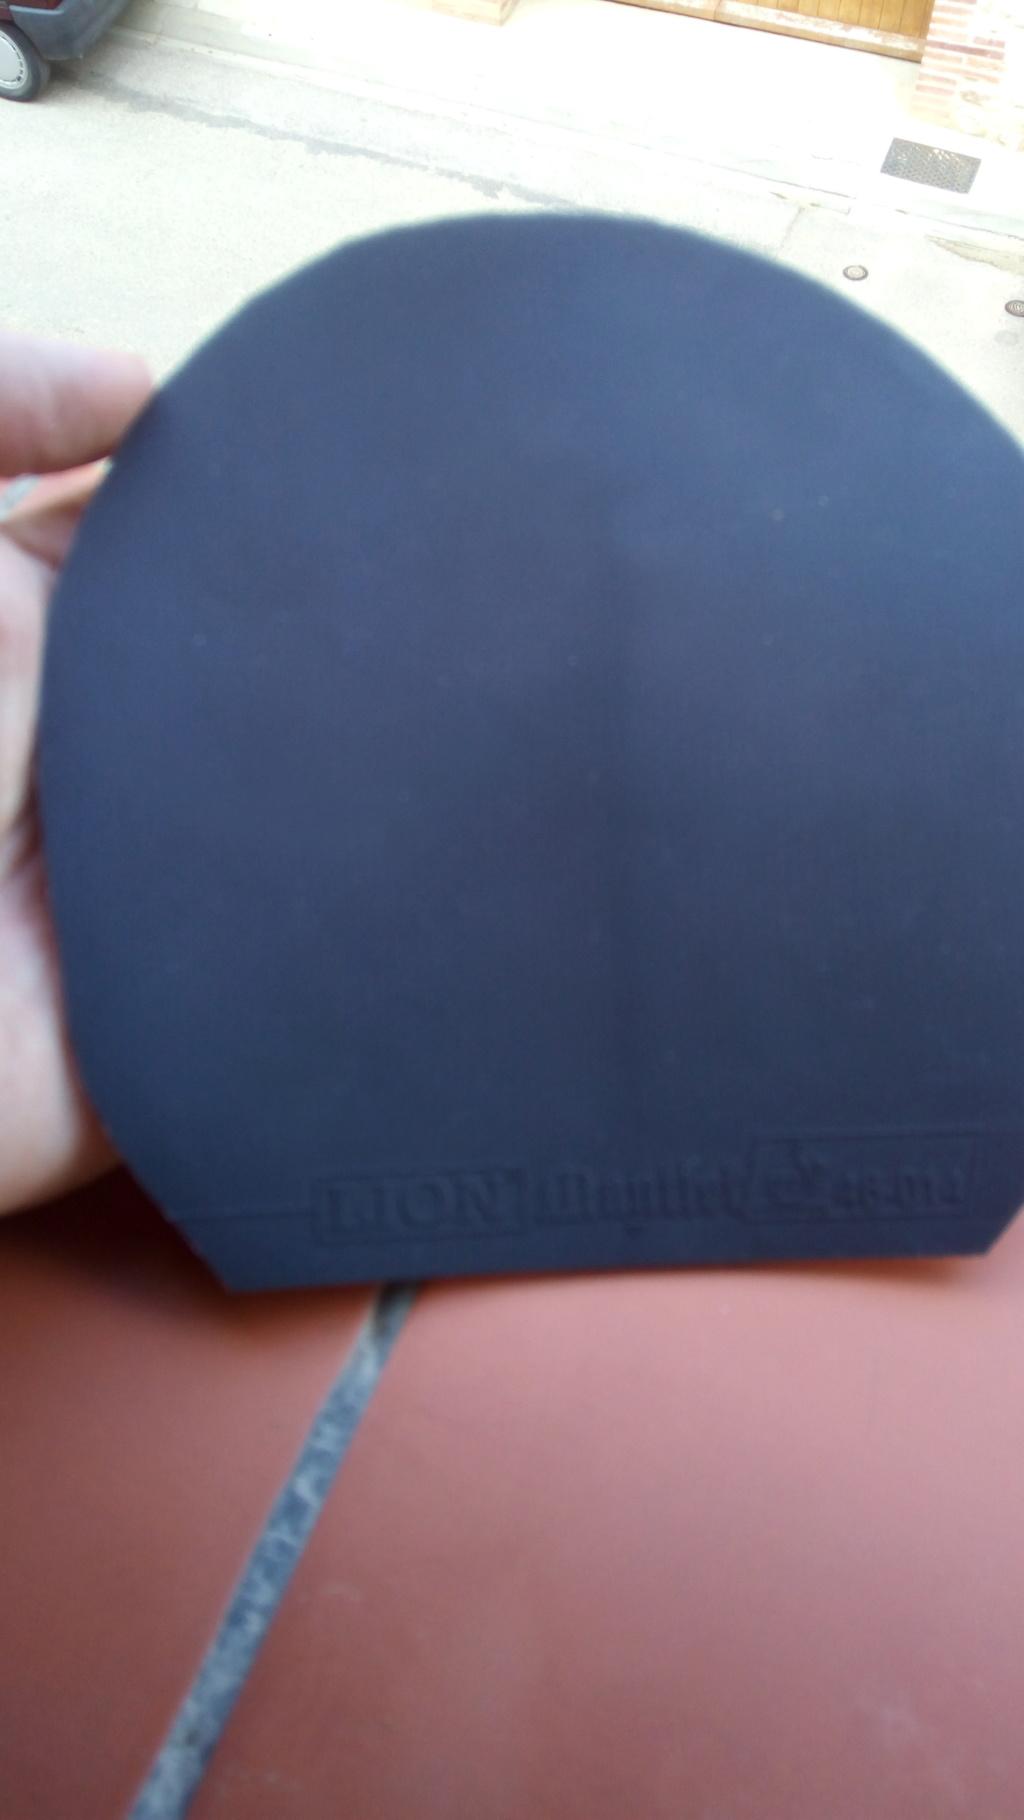 Lion mantlet noir en 1.2 mm 2 h de jeu 12  euros Img_2036